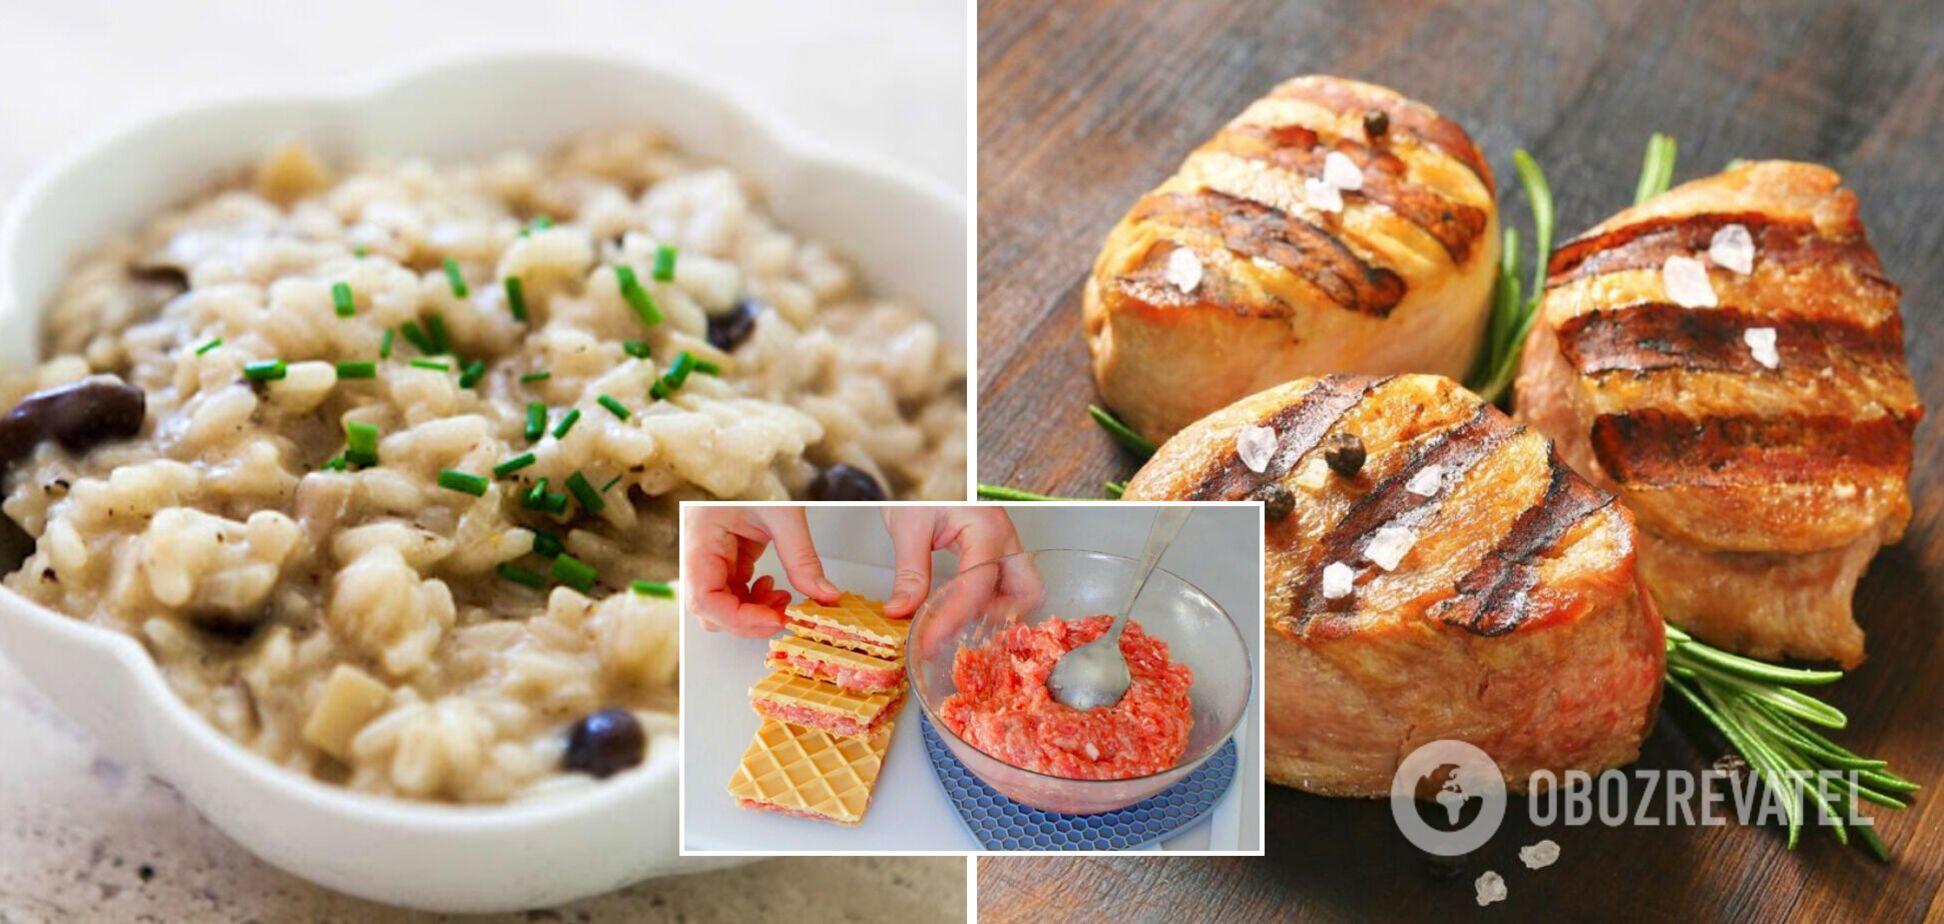 Швидкі страви, які можна приготувати за 30 хвилин: рецепти від кухарів